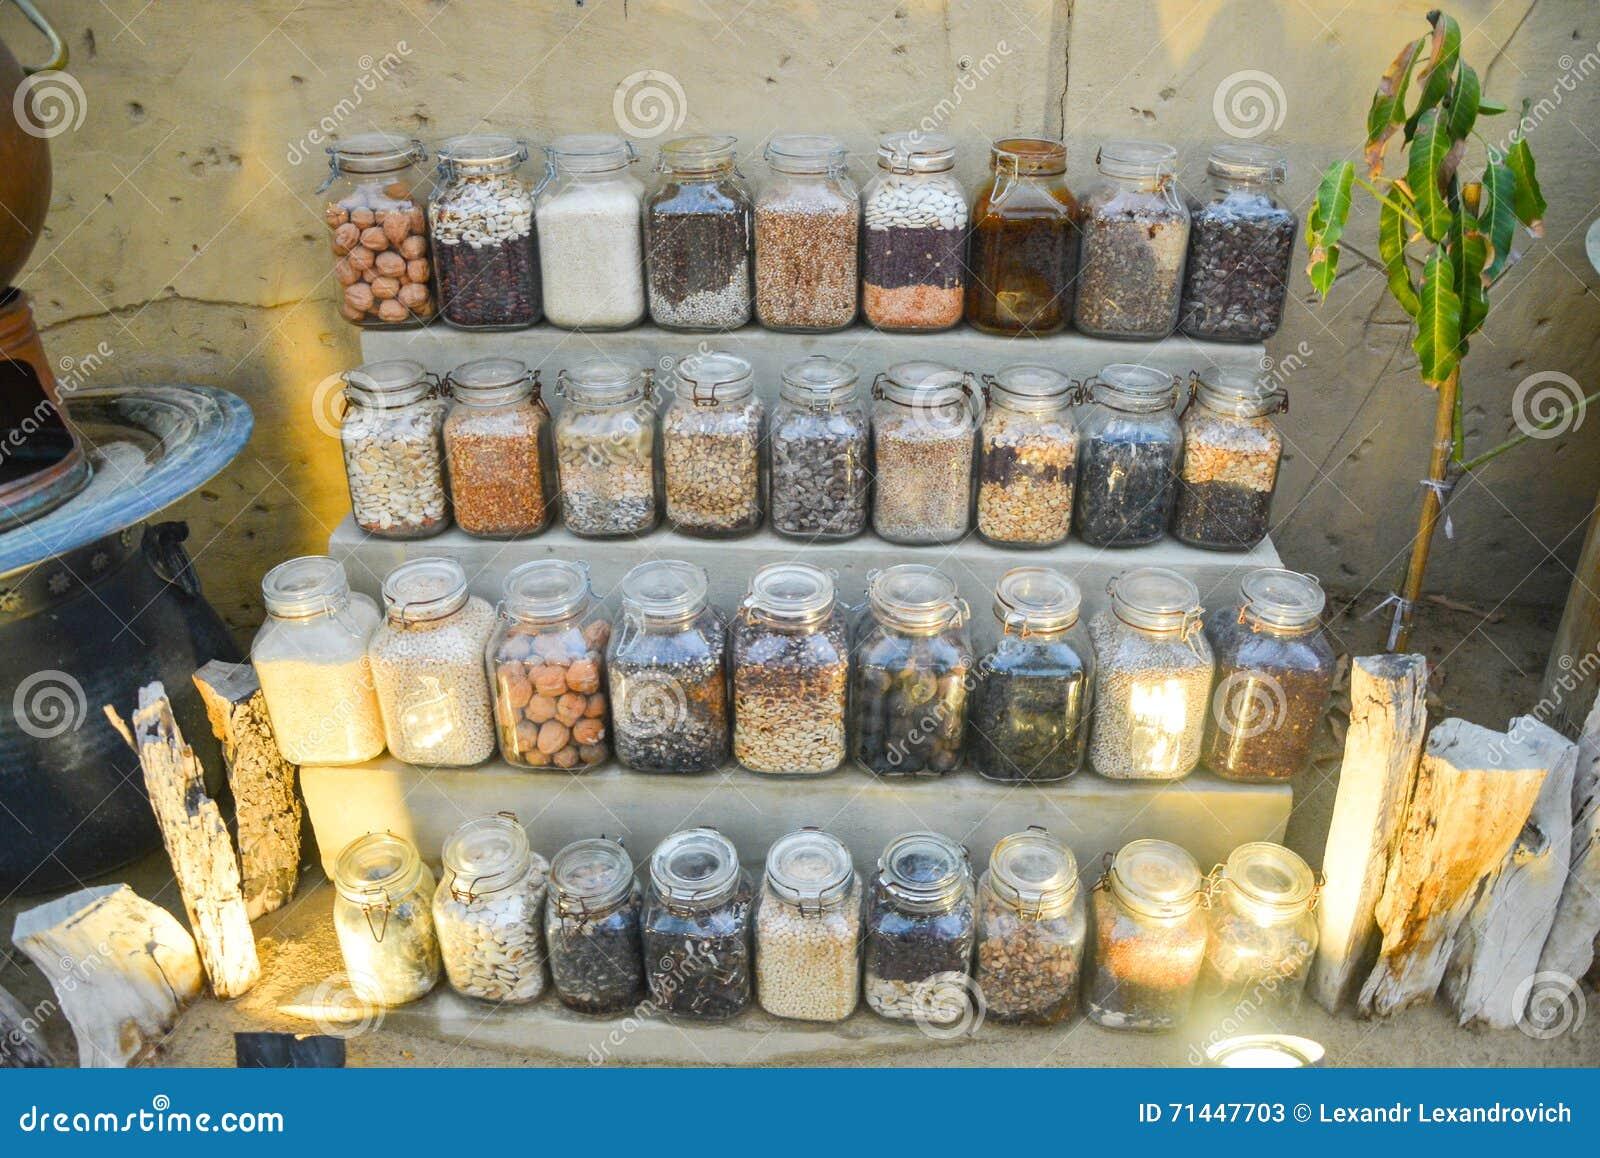 In Büchsen konservierte Obst und Gemüse in der Höhlenglaszusammensetzung